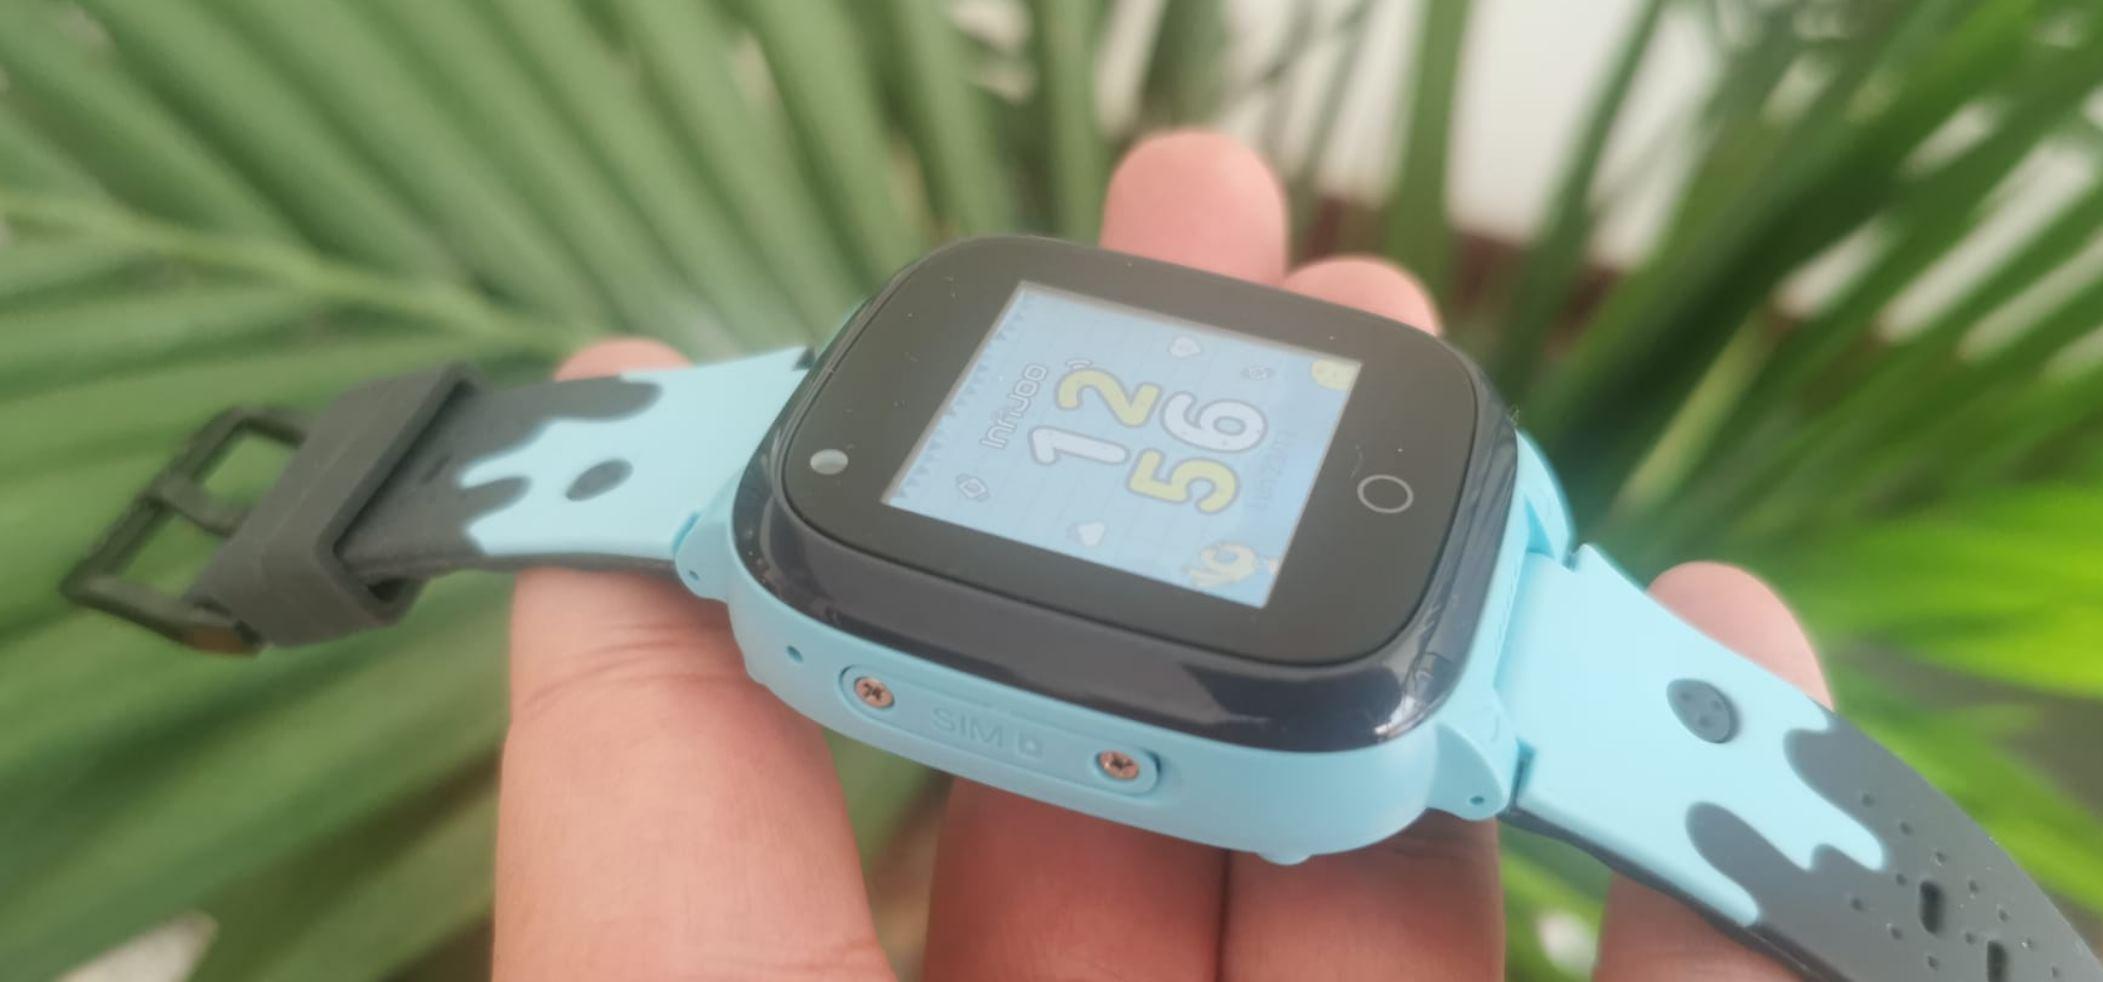 Relojes para niños con GPS, videoconferencia, cámara, termómetro y más